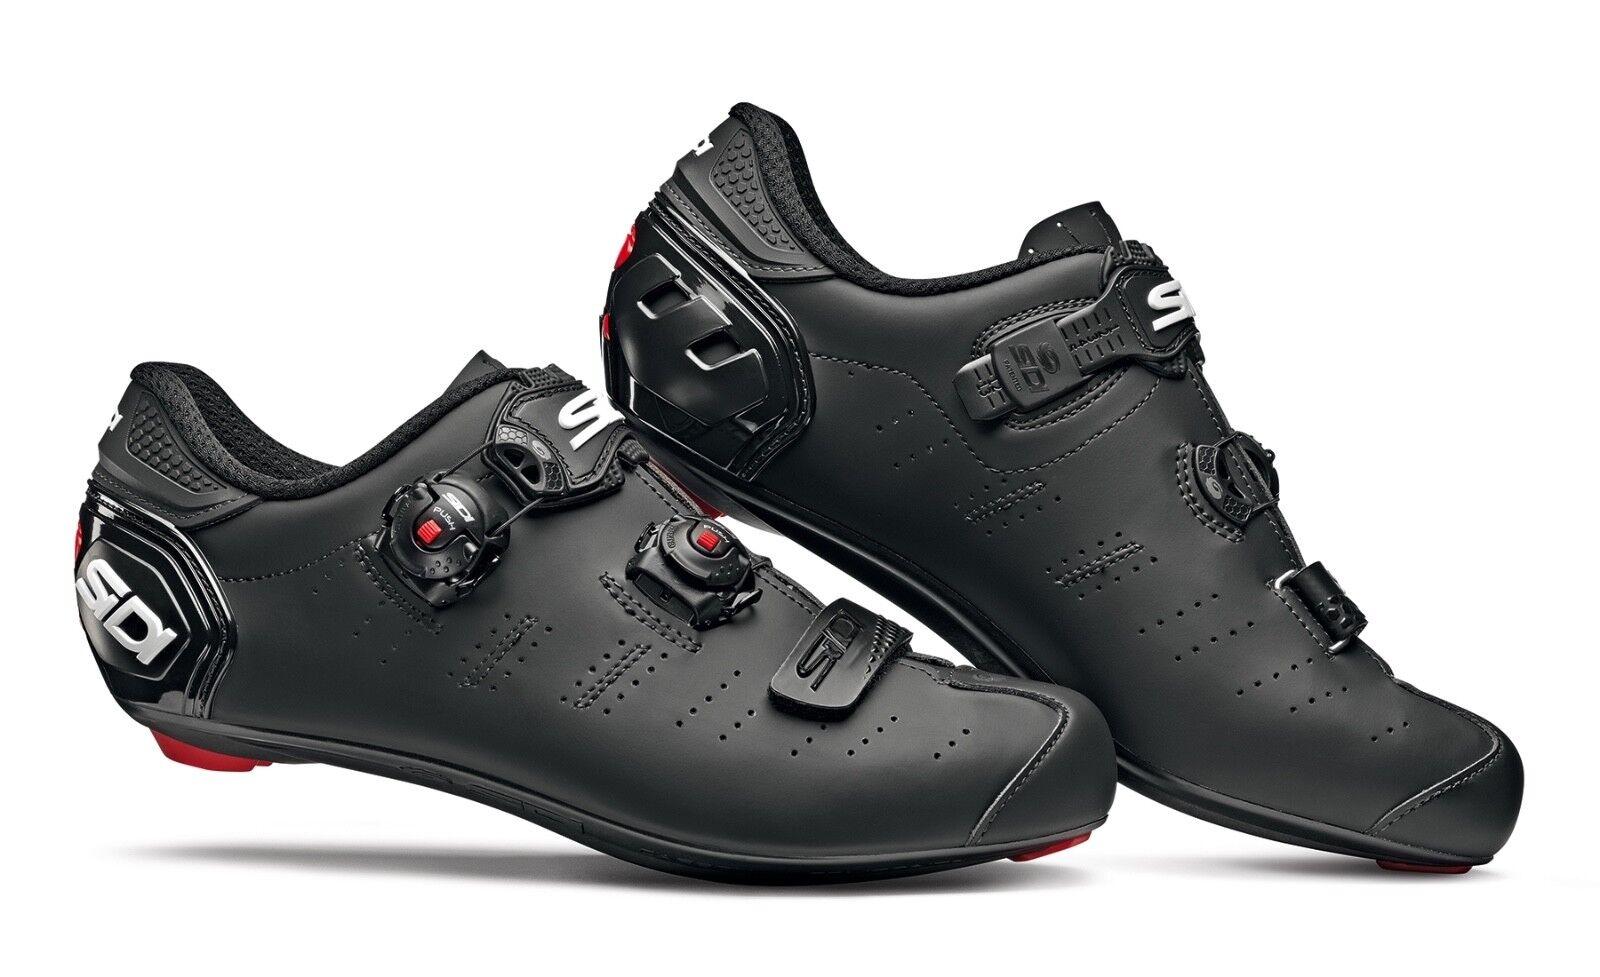 Schuhe SIDI ERGO 5 MEGA MATT noir Größe 45